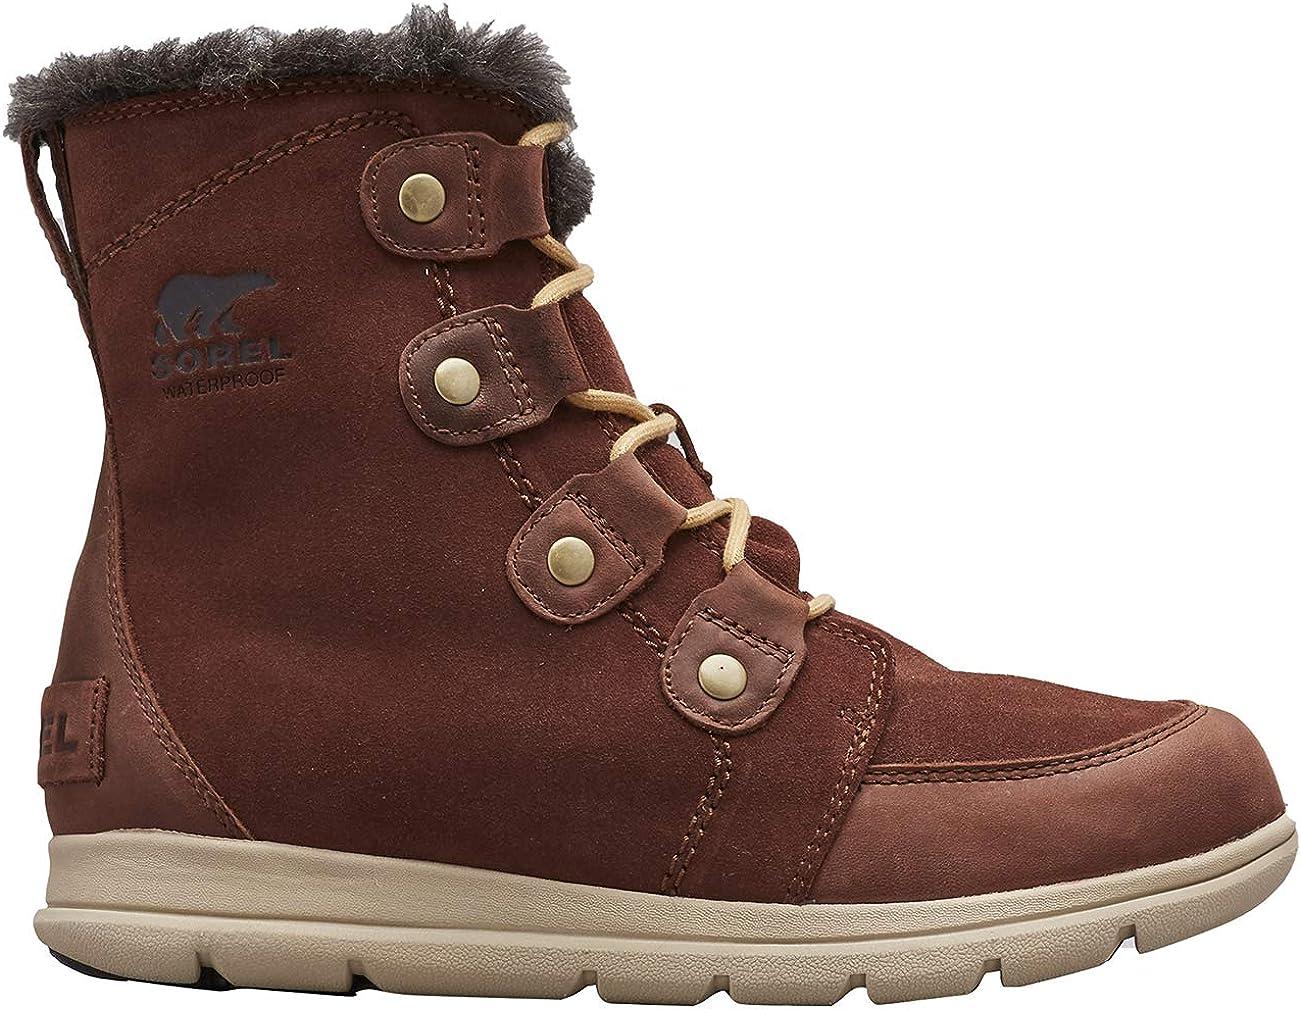 Sorel Womens Explorer Joan Boots